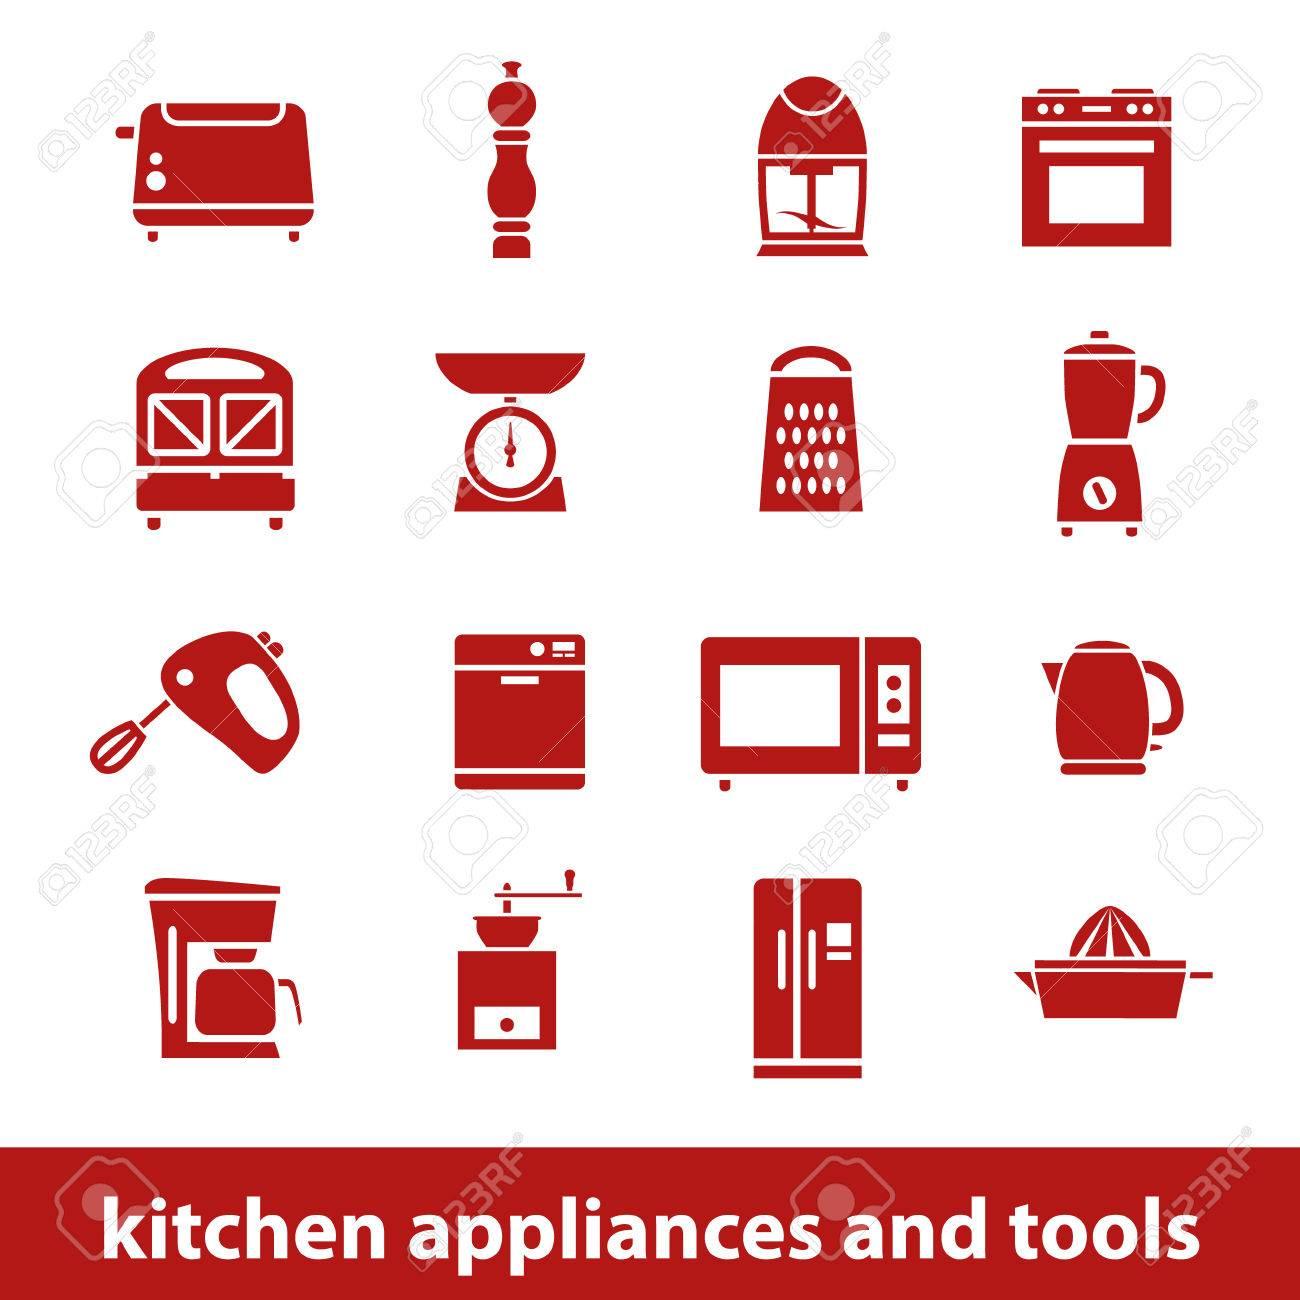 Küchengeräte Und Werkzeuge Icons Lizenzfrei Nutzbare Vektorgrafiken ...